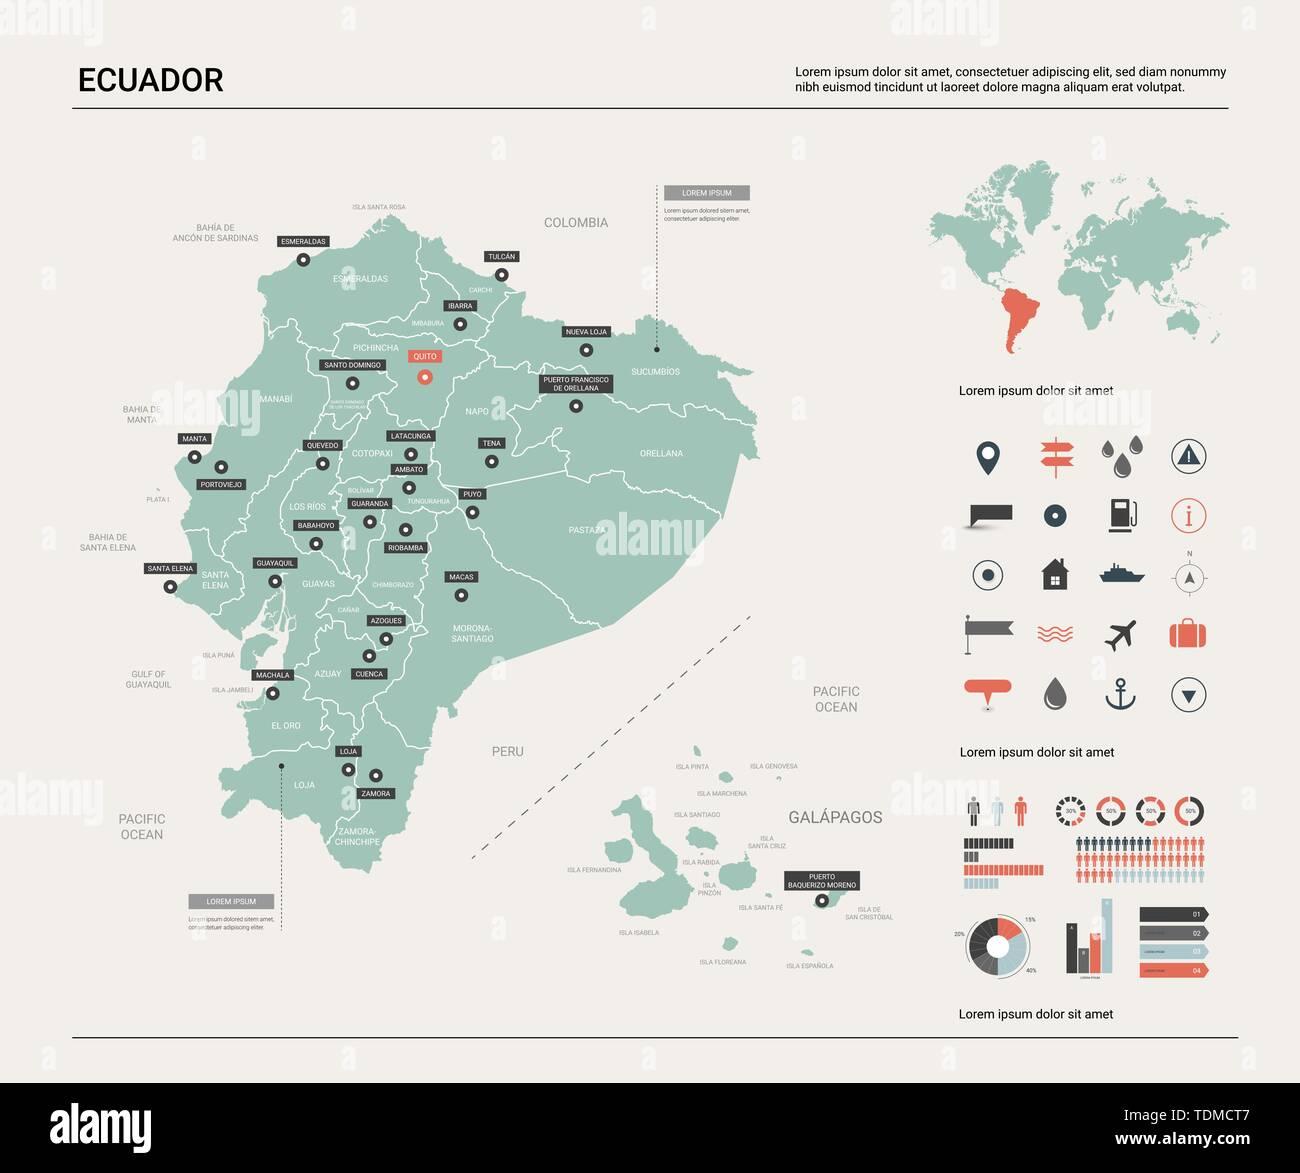 Ecuador Mapa Del Mundo.Mapa De Vectores De Ecuador Mapa Del Pais Con La Division Las Ciudades Y La Capital Quito Mapa Politico El Mapa Del Mundo Elementos Infograficos Imagen Vector De Stock Alamy